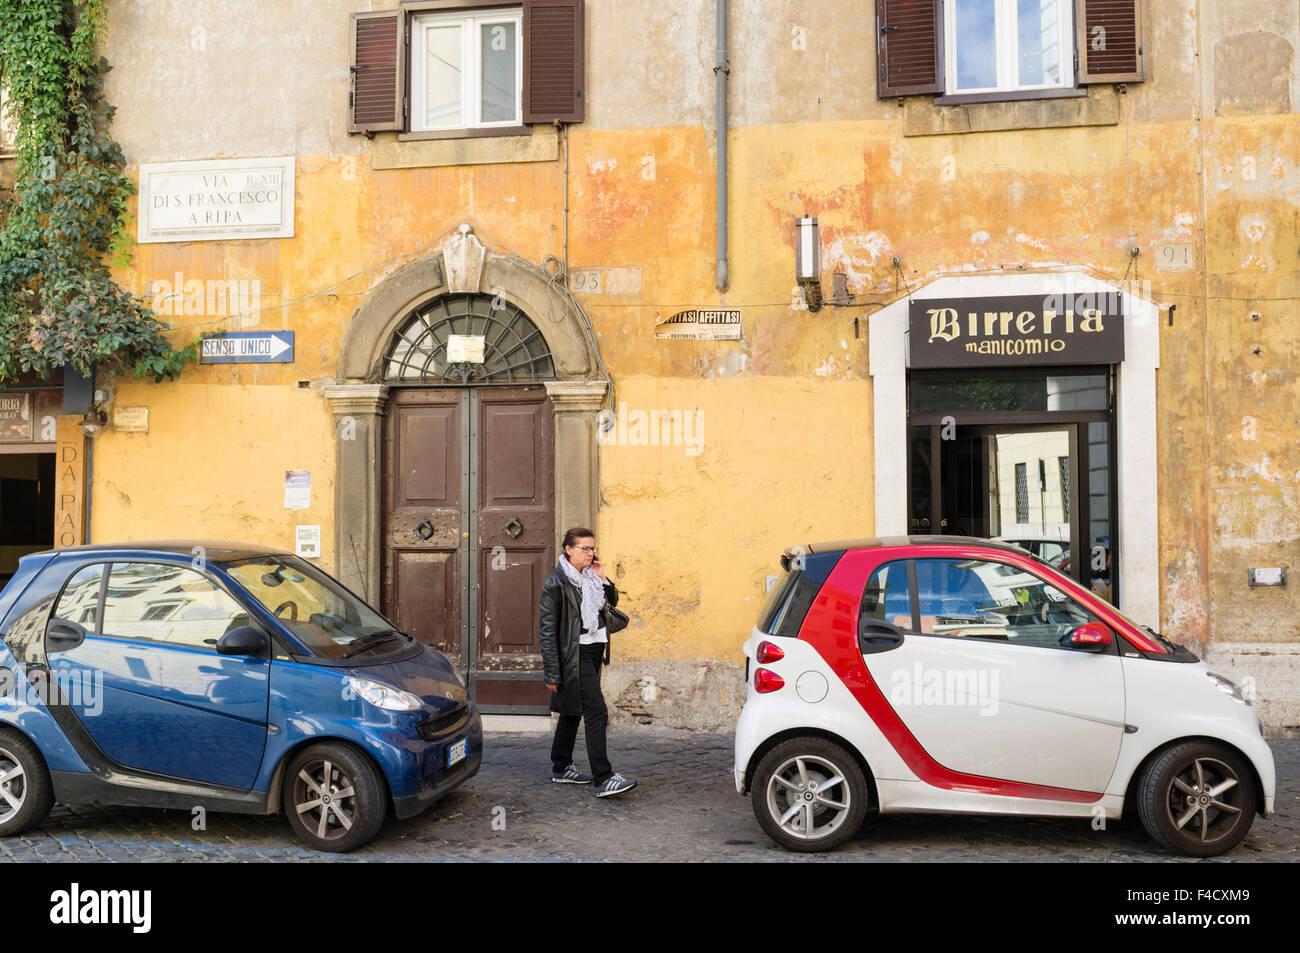 Scène de rue avec de nouveaux mini-voitures Fiat dans quartier de Trastevere. Rome, Italie Photo Stock